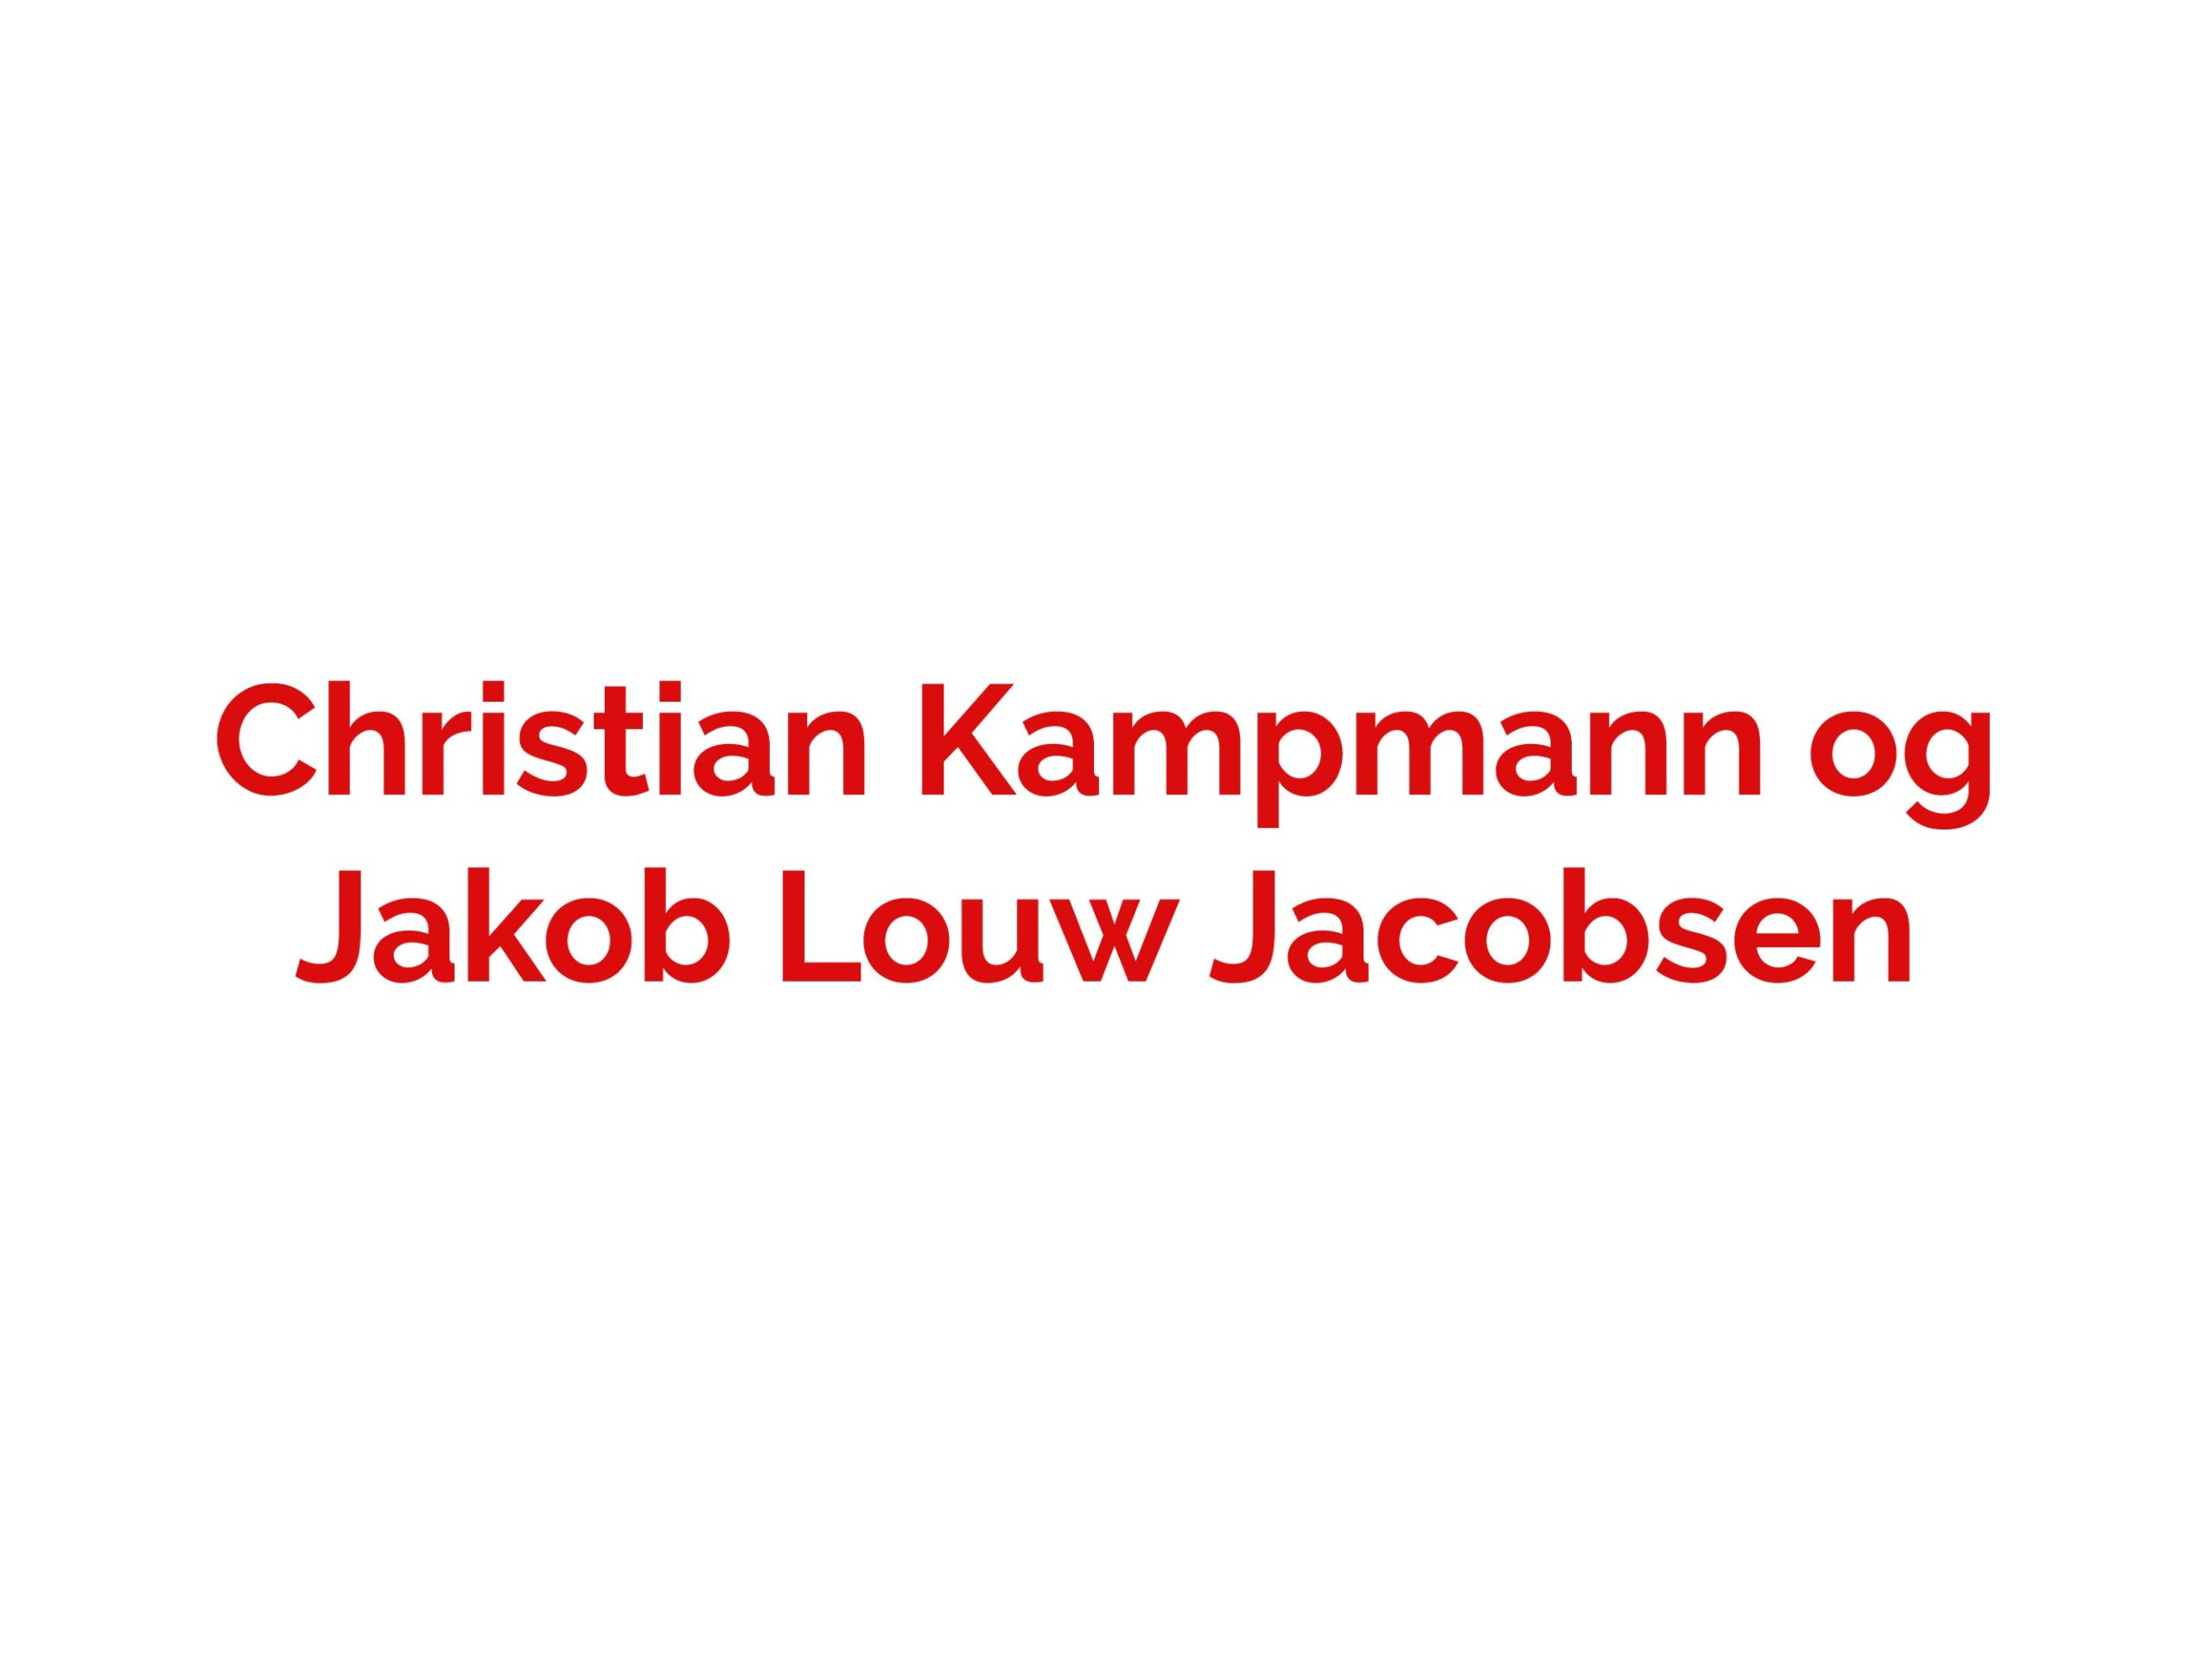 Christian og Jakob